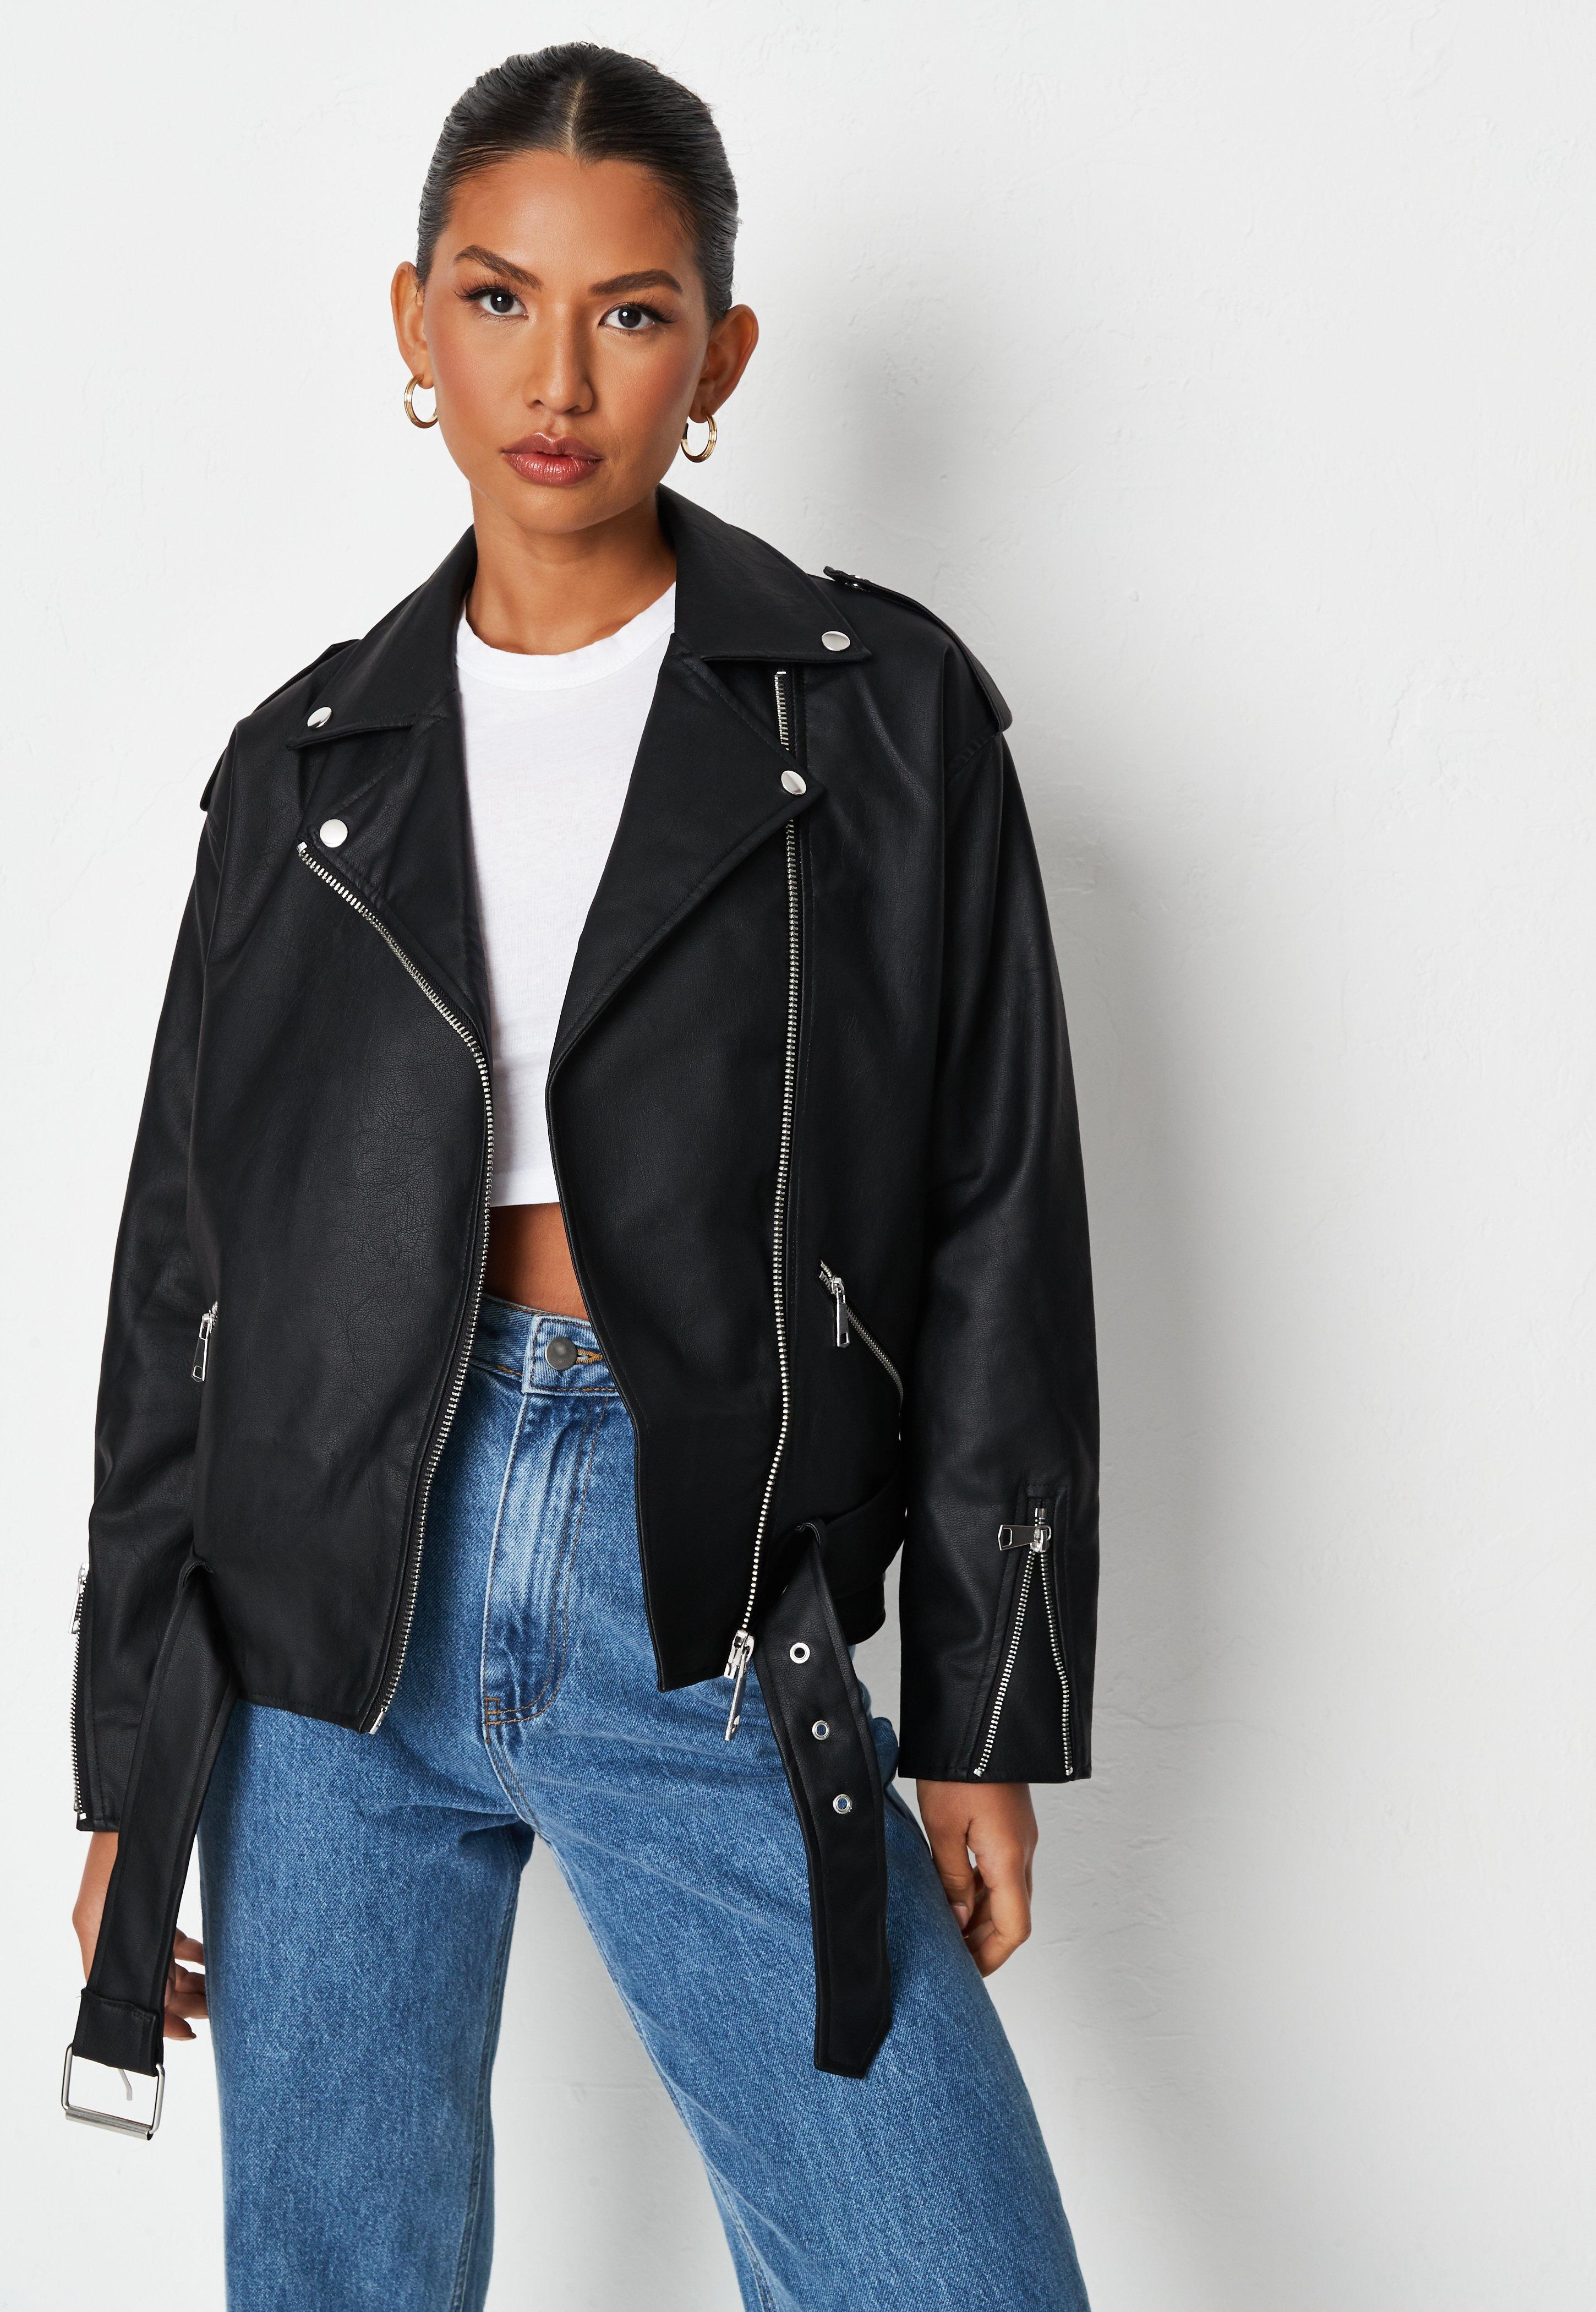 d1bdad415b59 Black Coats Jackets